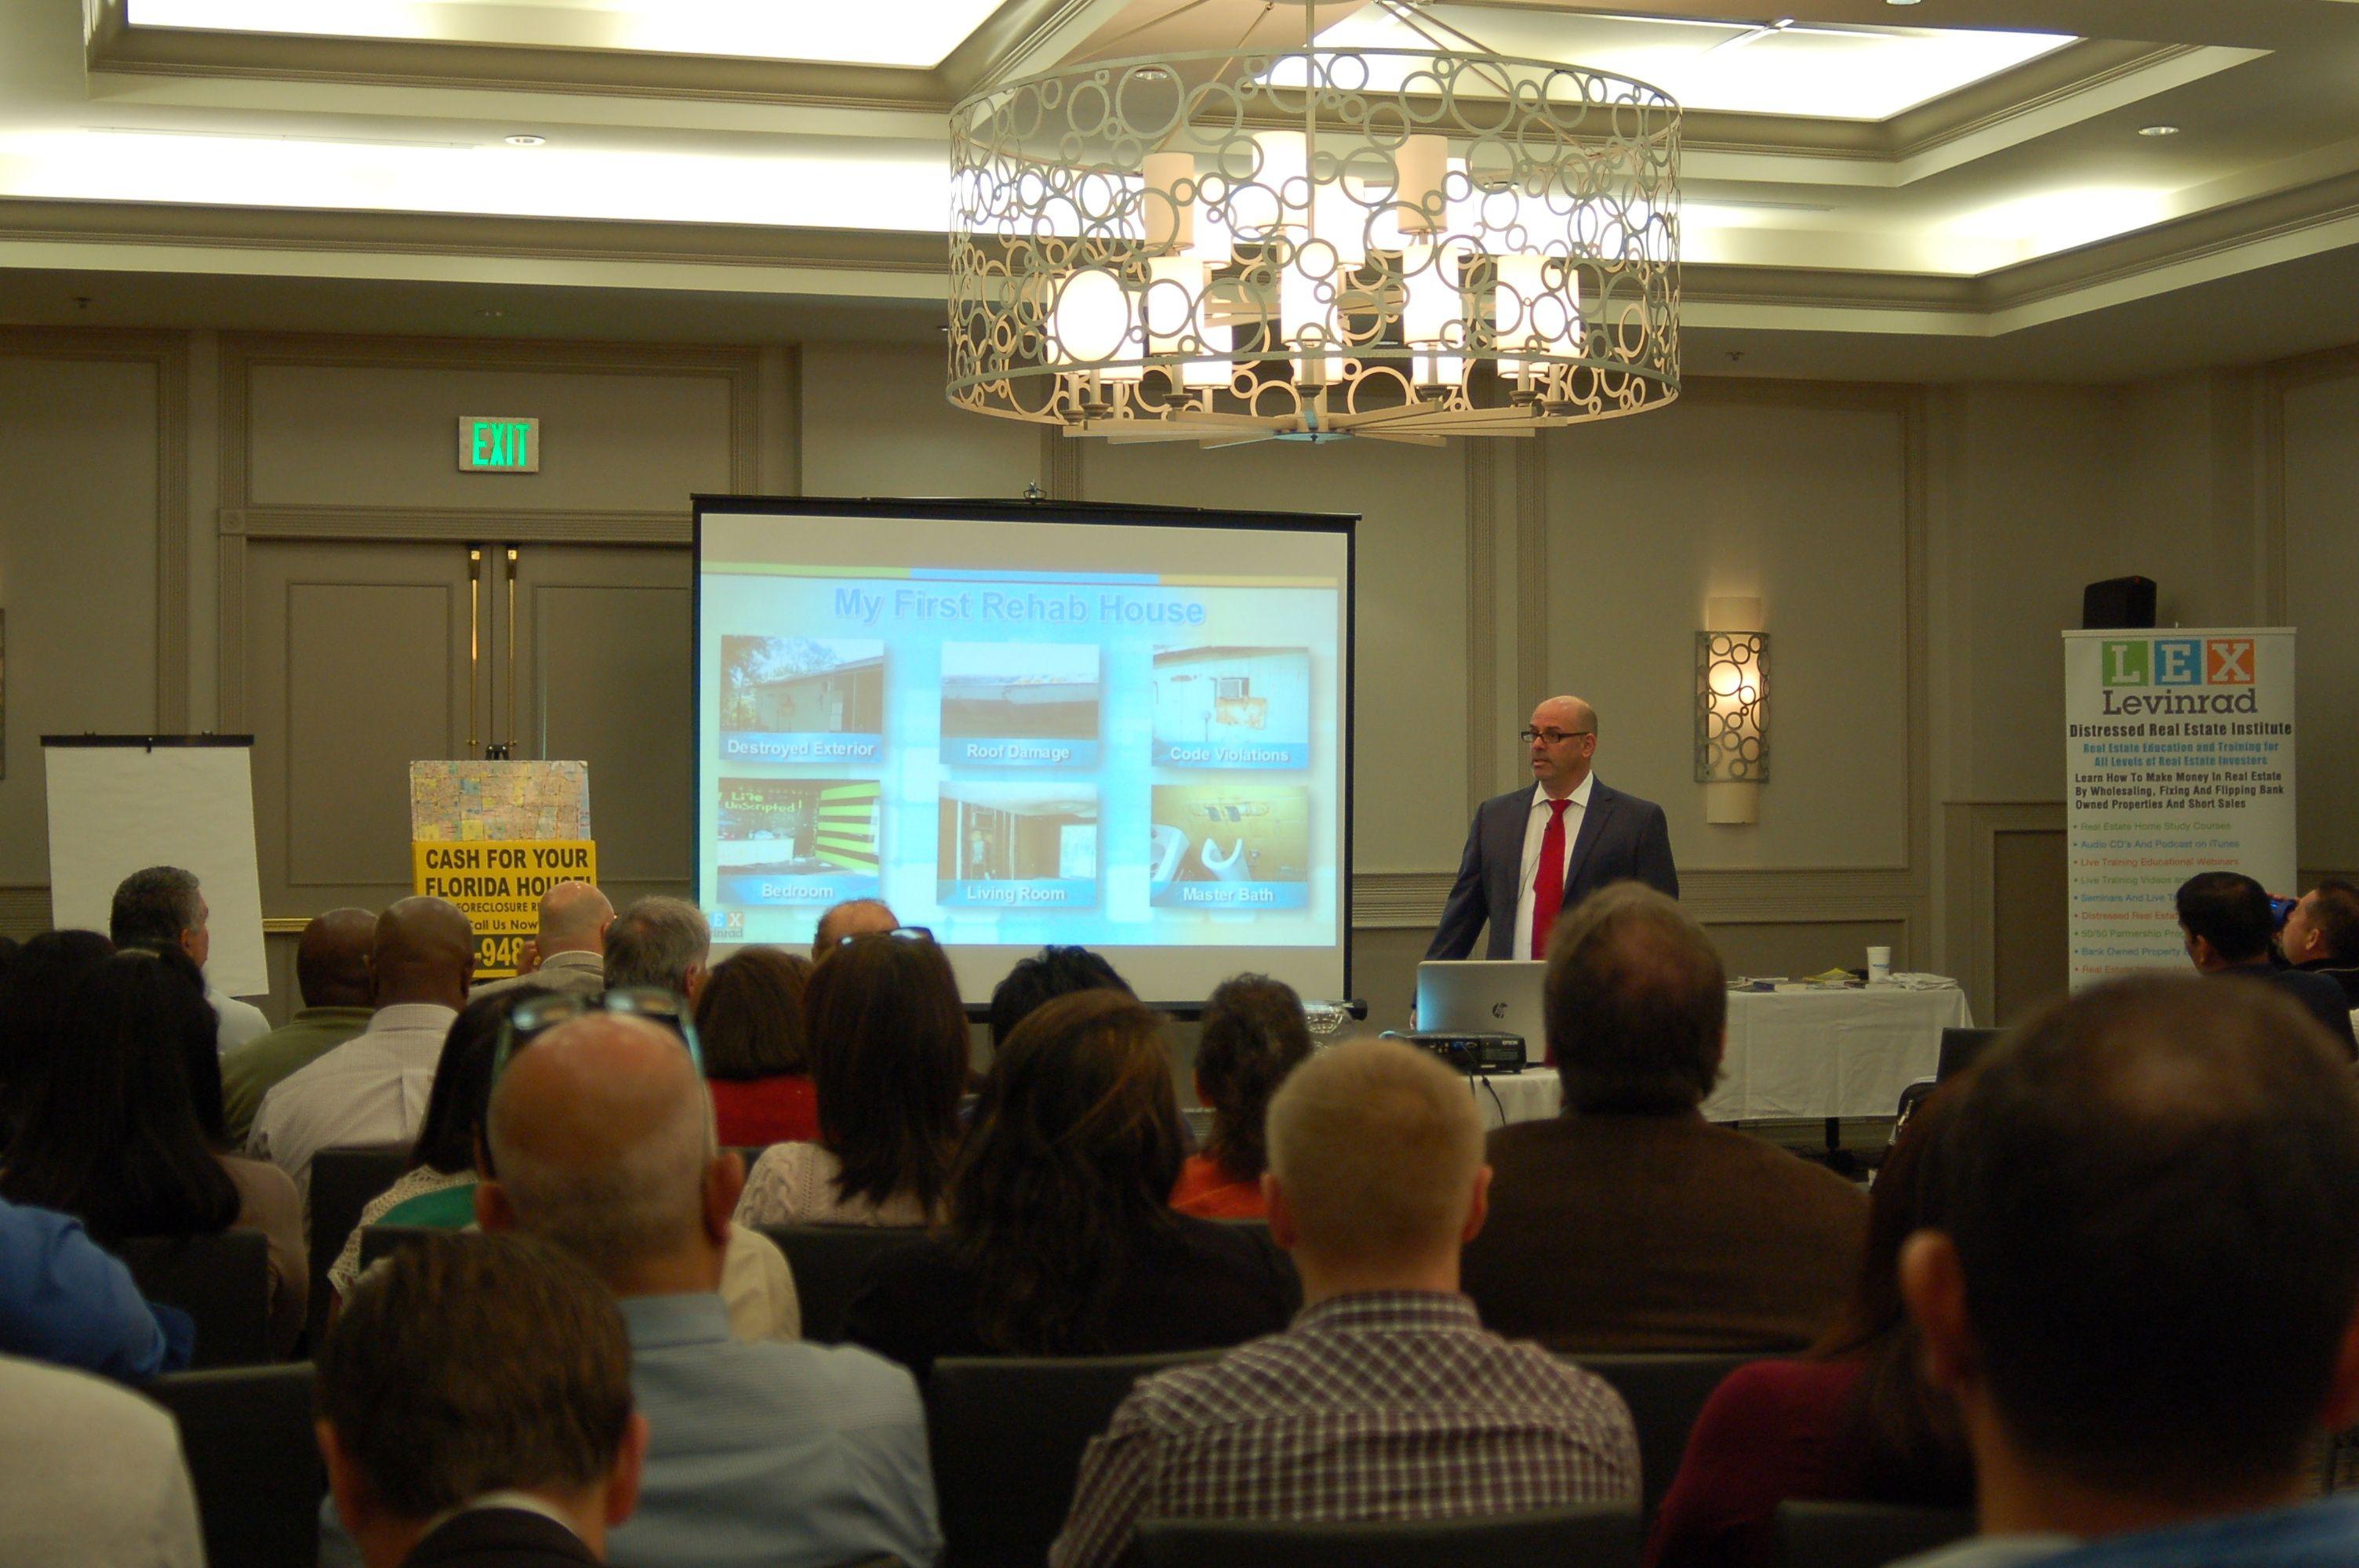 Miami Real Estate Investors Group